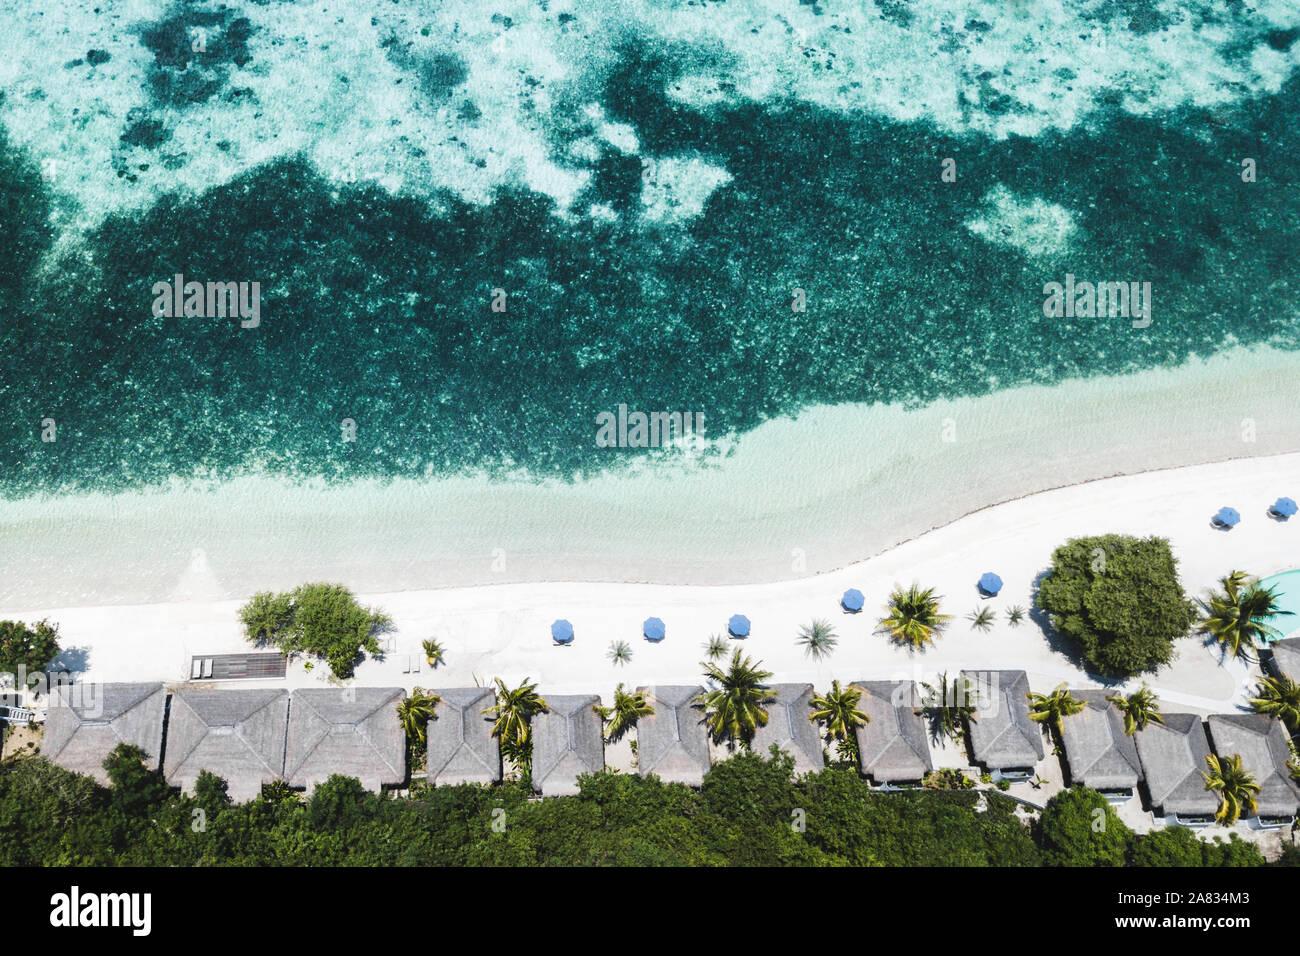 Luftaufnahme von tropischen weißen Strand mit blauen Schirme, Coral Reef und Palmen. Abstrakte drone Schuß von oben. Reisen und Urlaub Konzept. Stockfoto